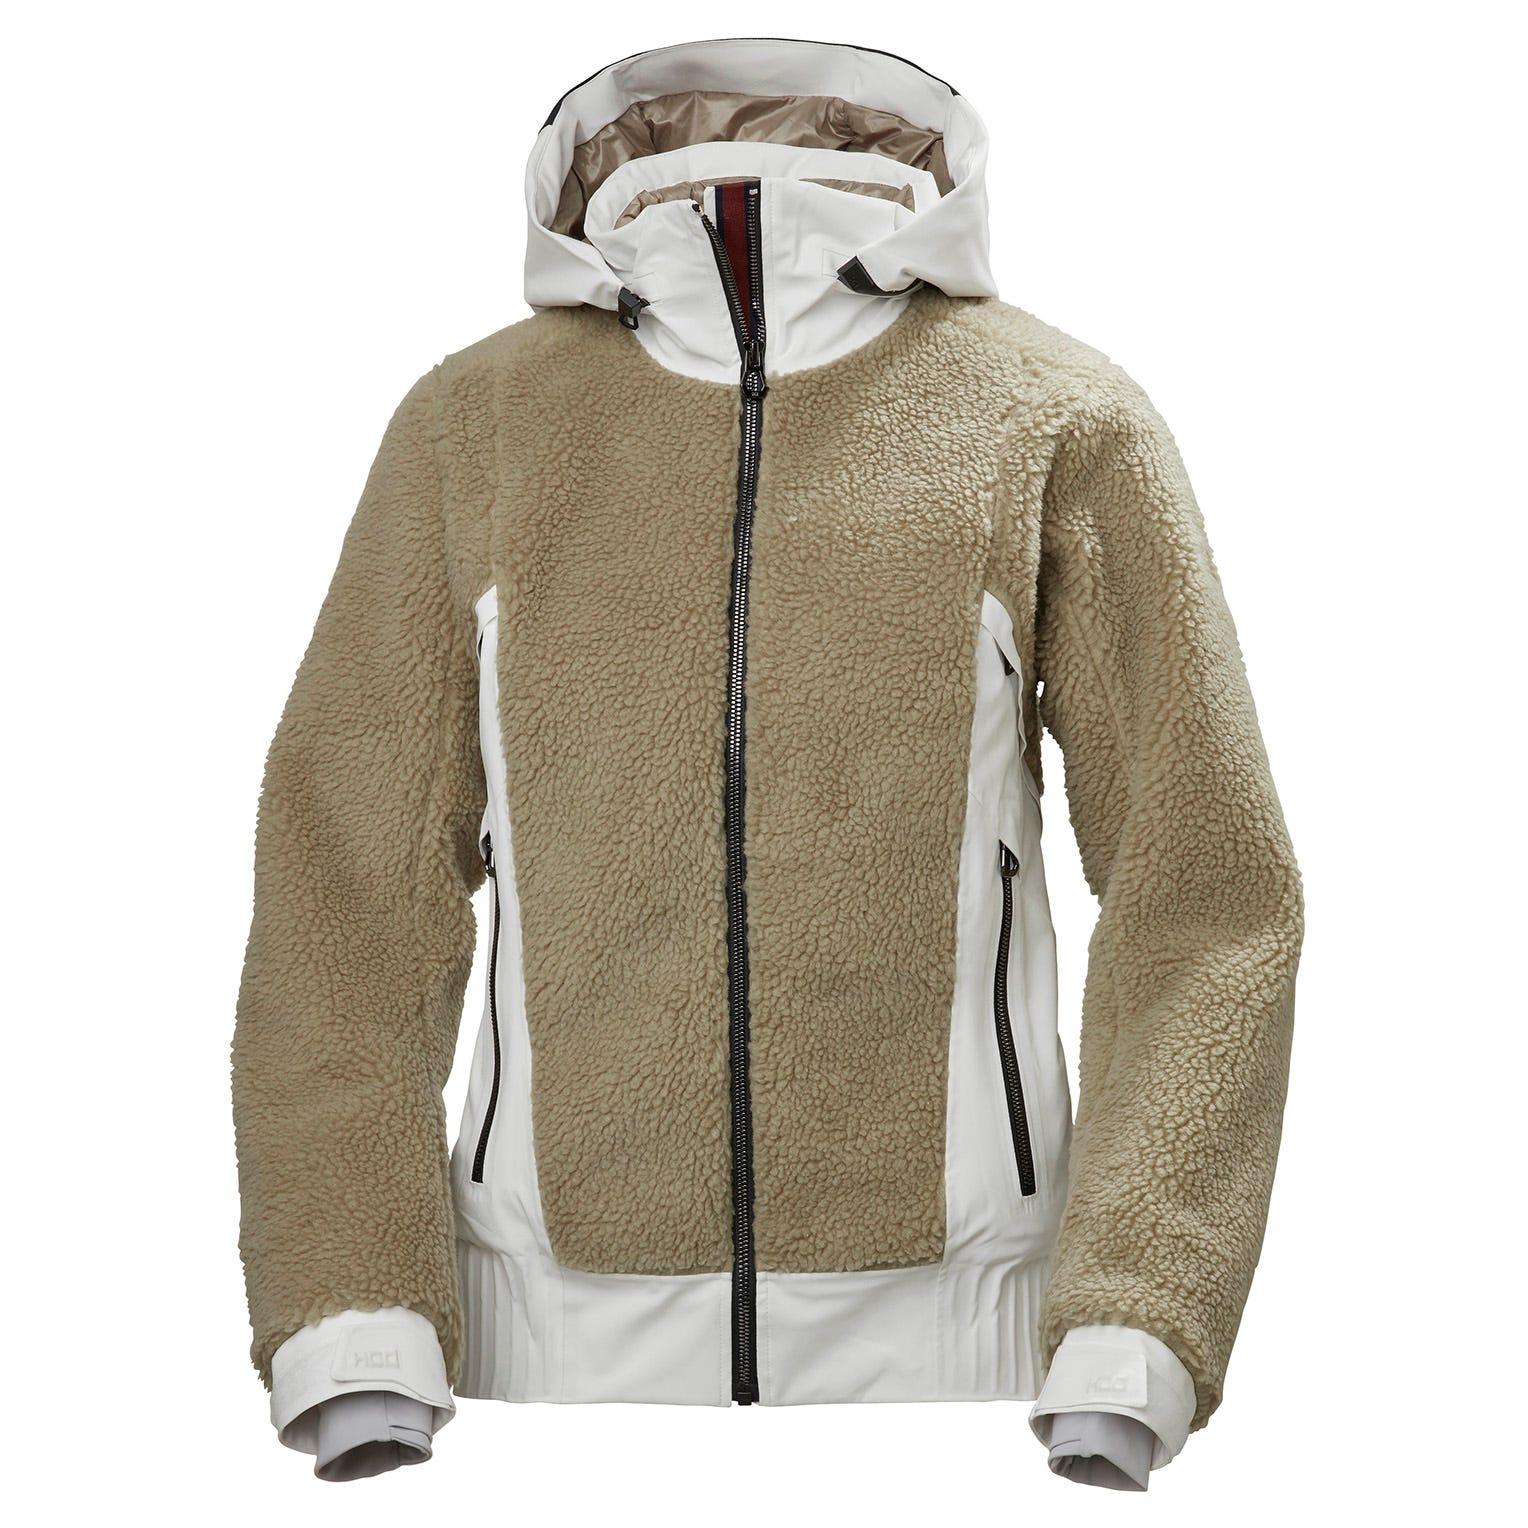 Helly Hansen Womens Courchevel Waterproof Ski Jacket White S